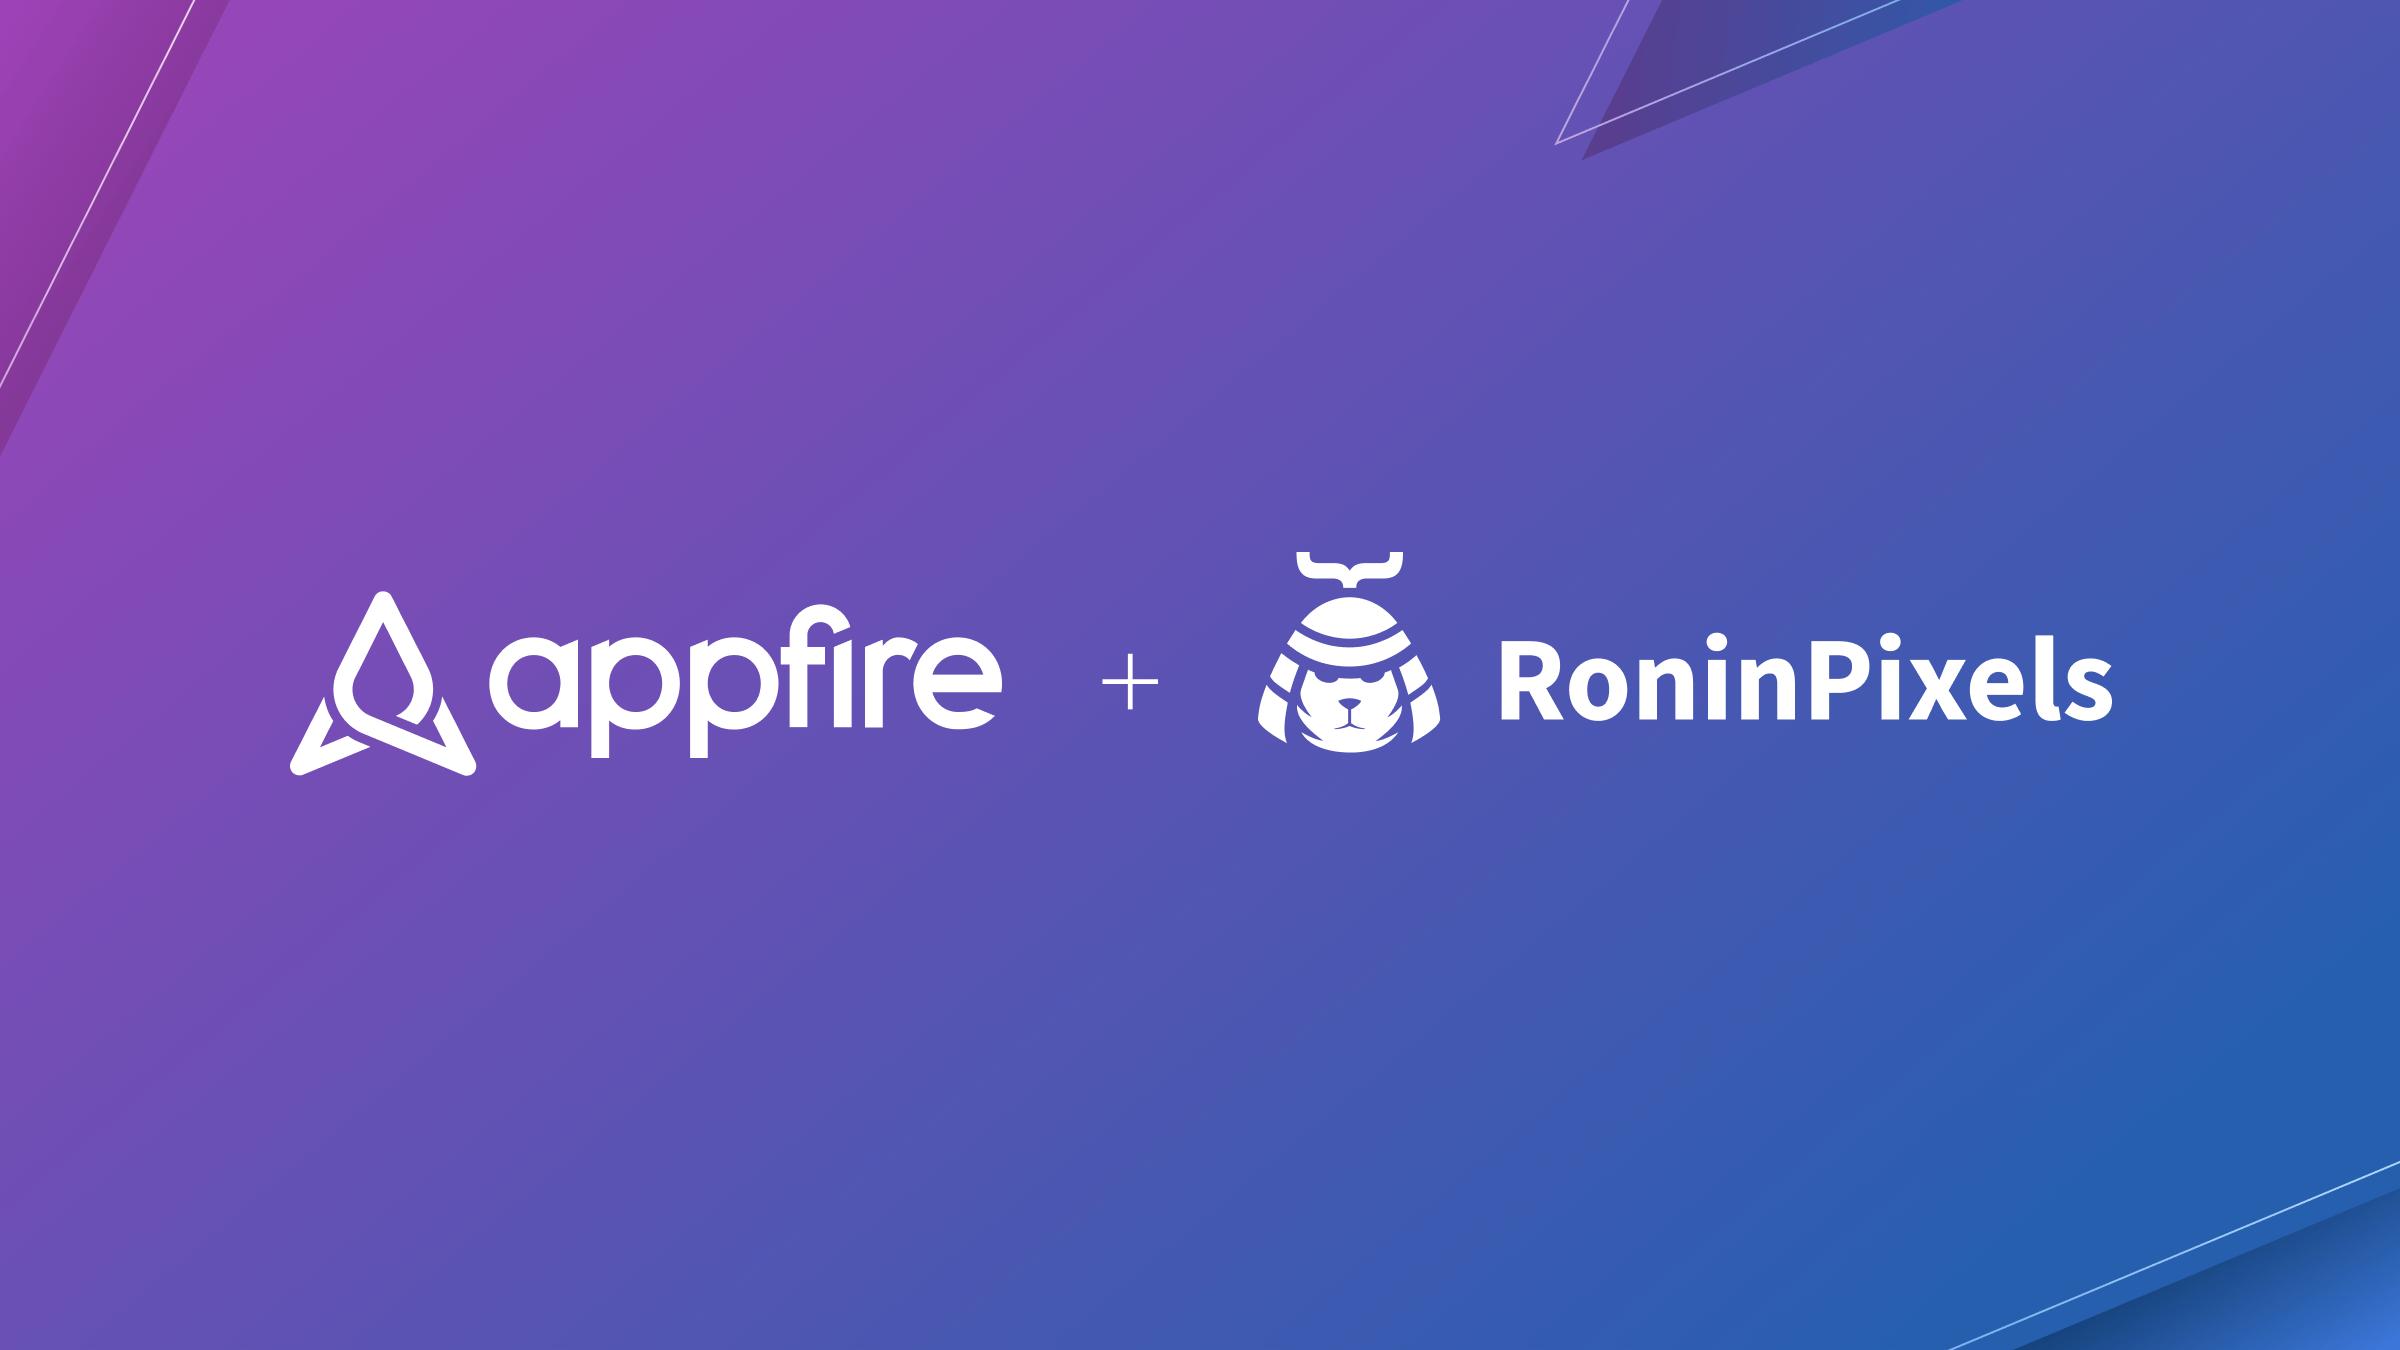 Appfire + RoninPixels